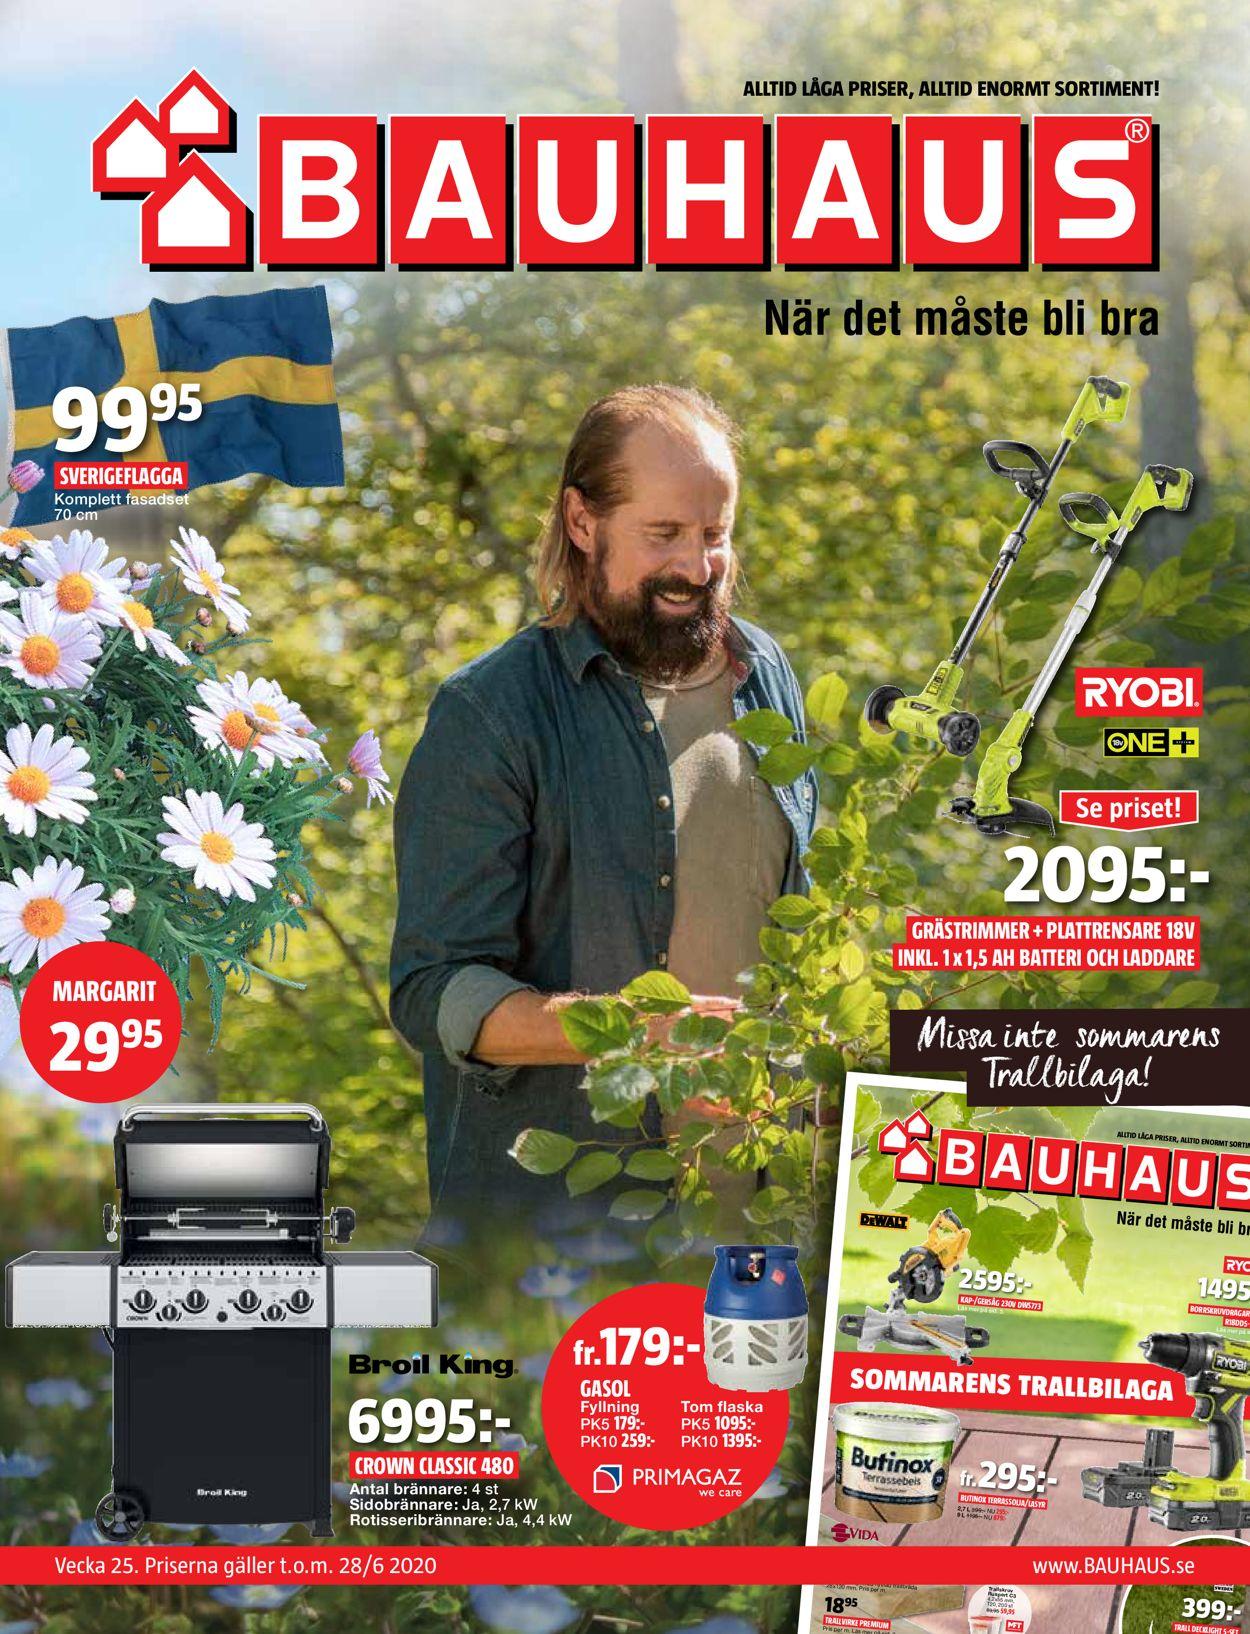 Reklamblad Bauhaus från 15/06-2020